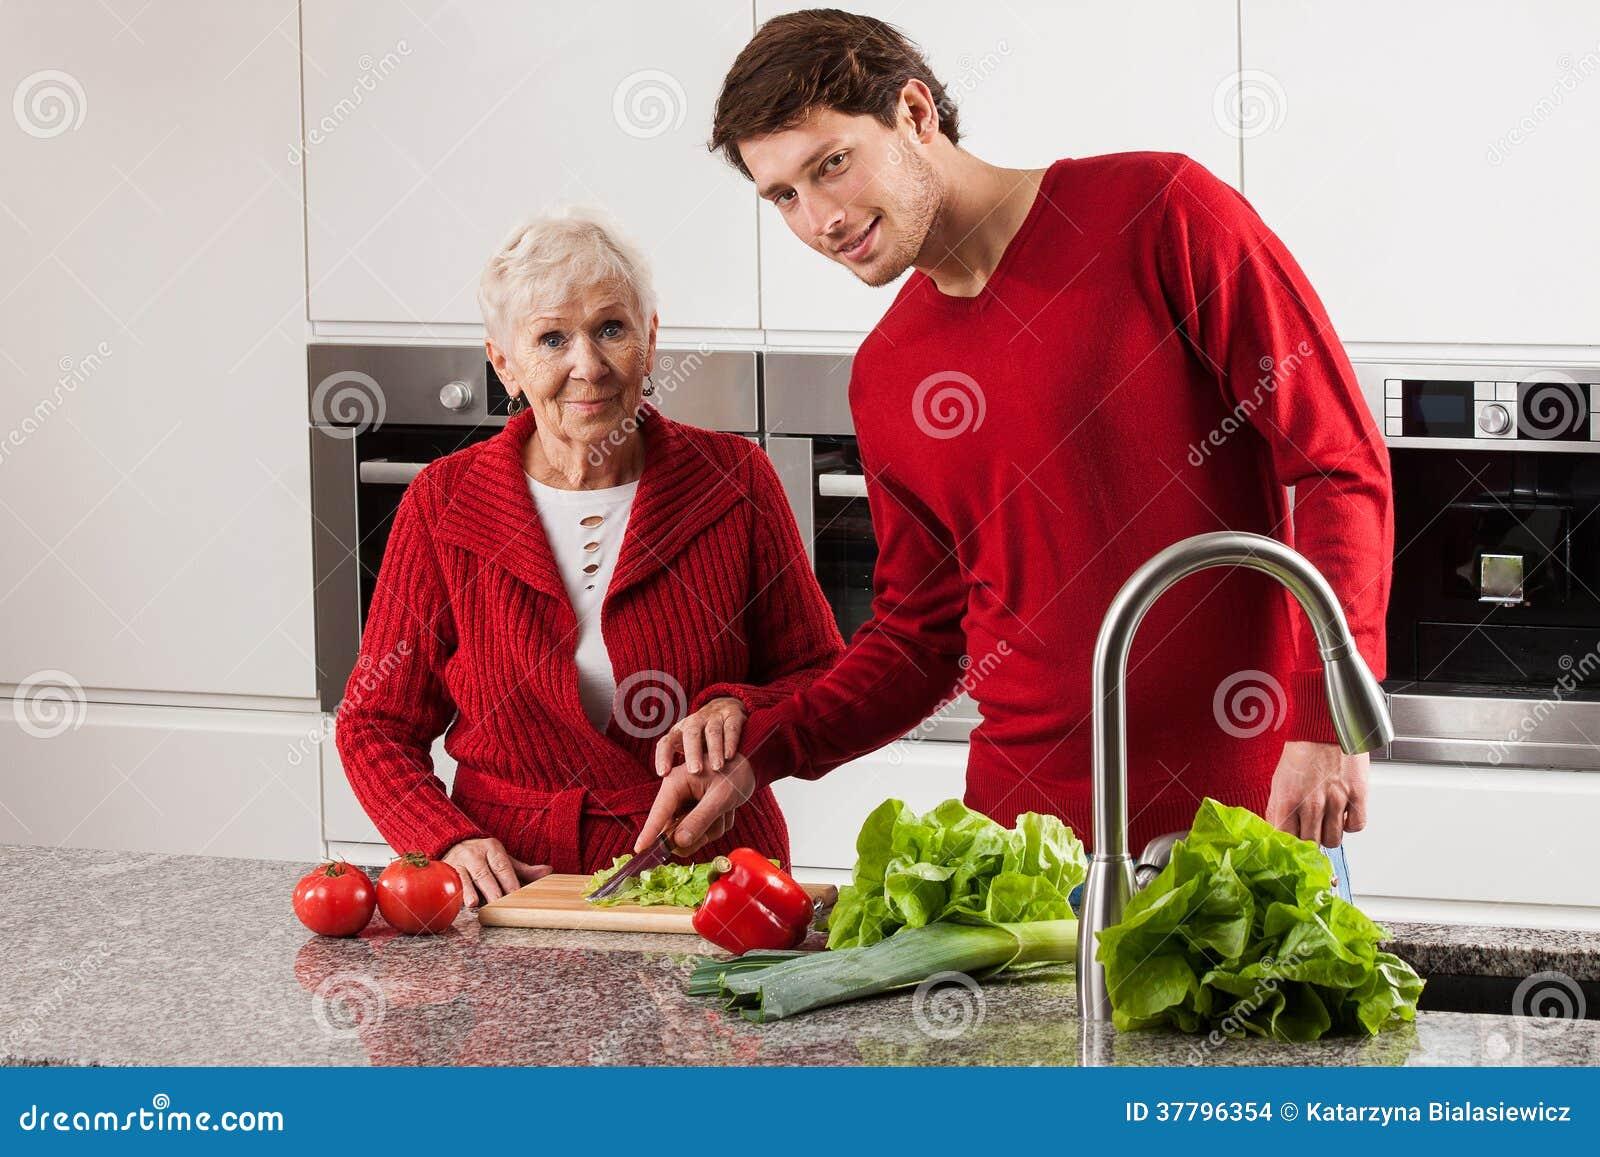 бабушка с мальчиком на кухне порносекс